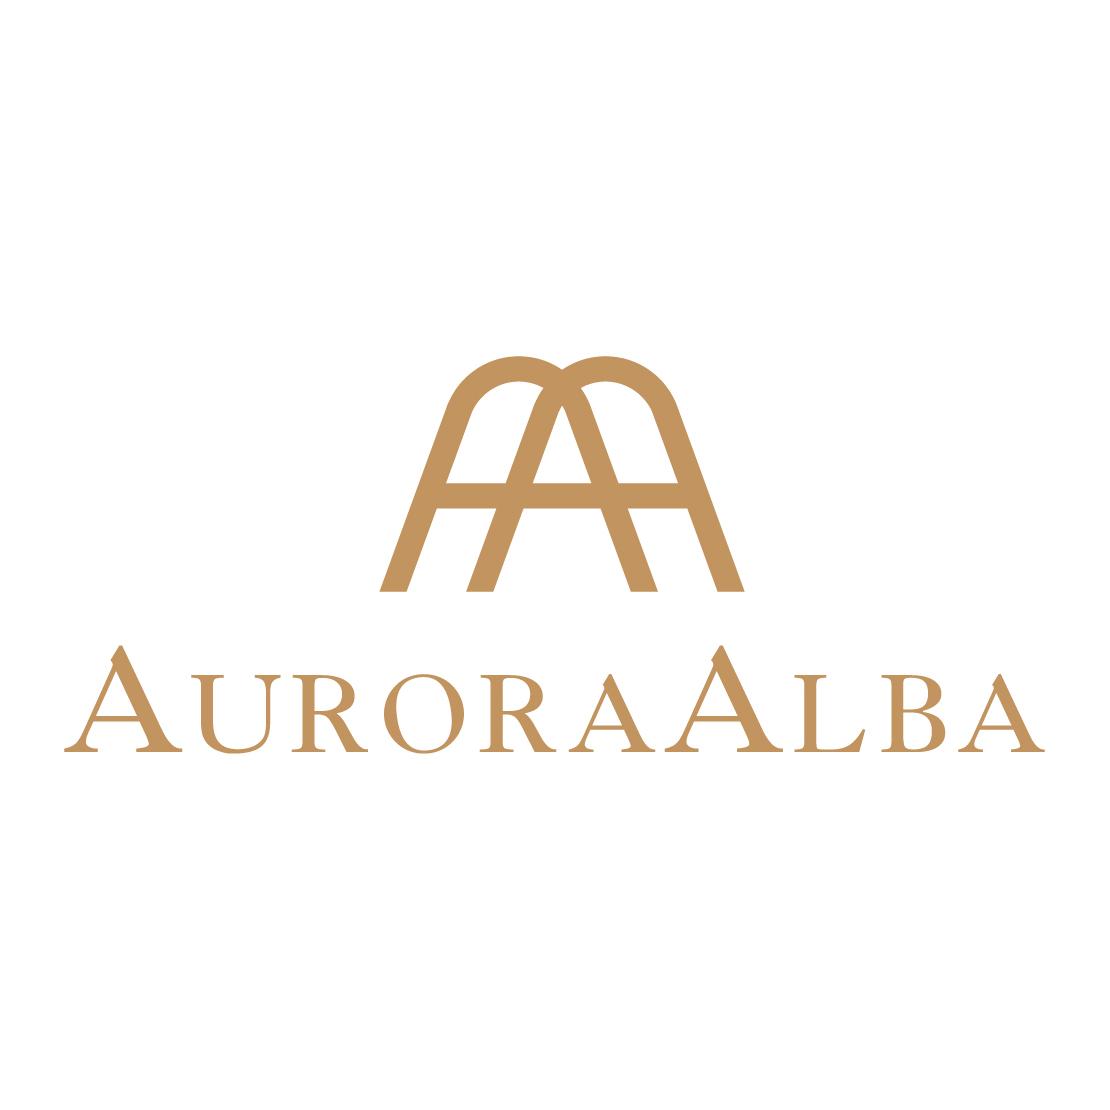 AuroraAlba